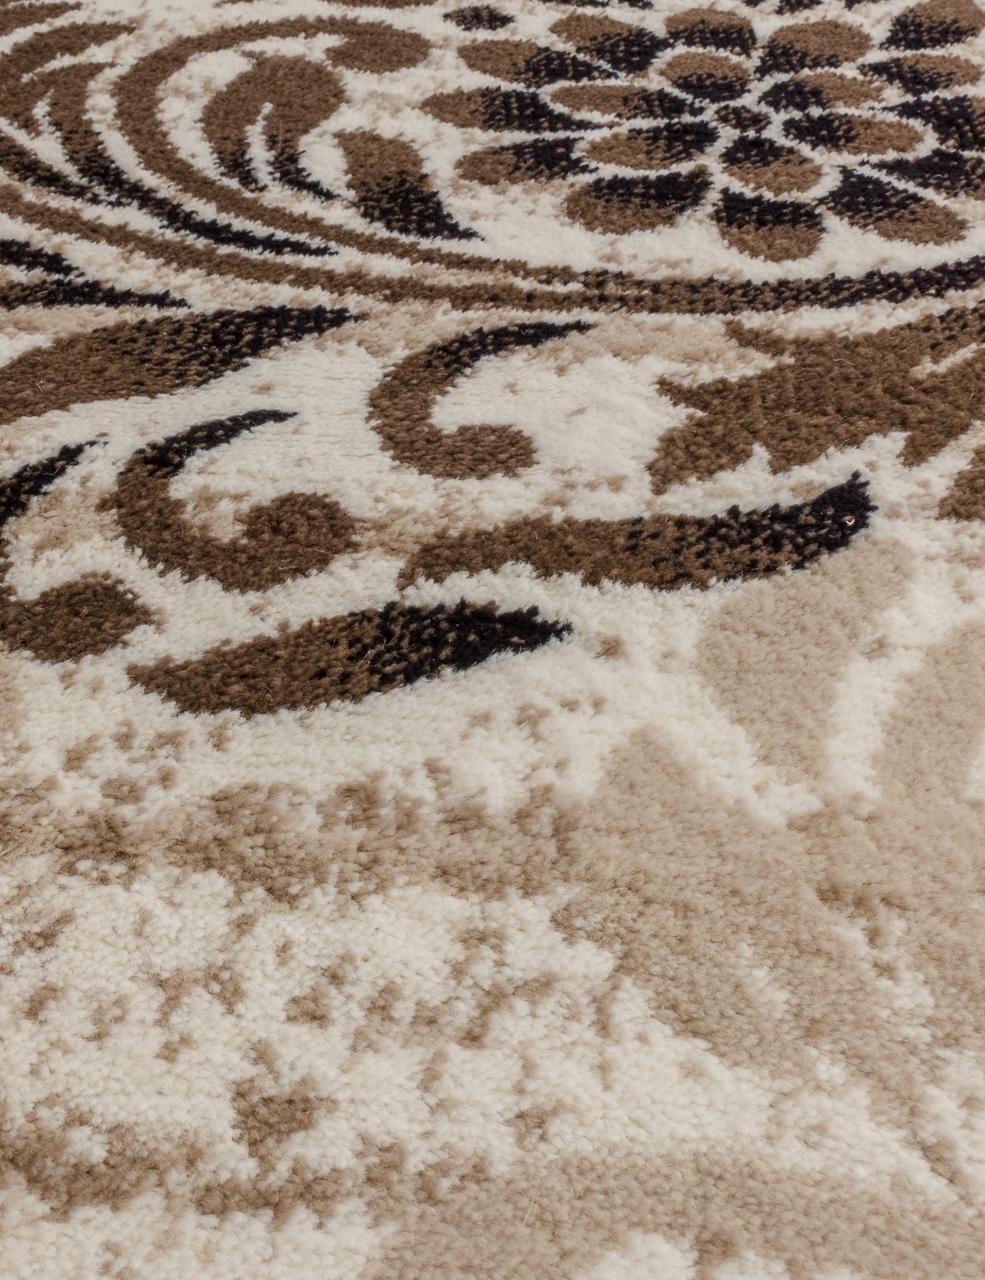 Ковер d303 - CREAM-BROWN - Овал - коллекция VALENCIA DELUXE - фото 2